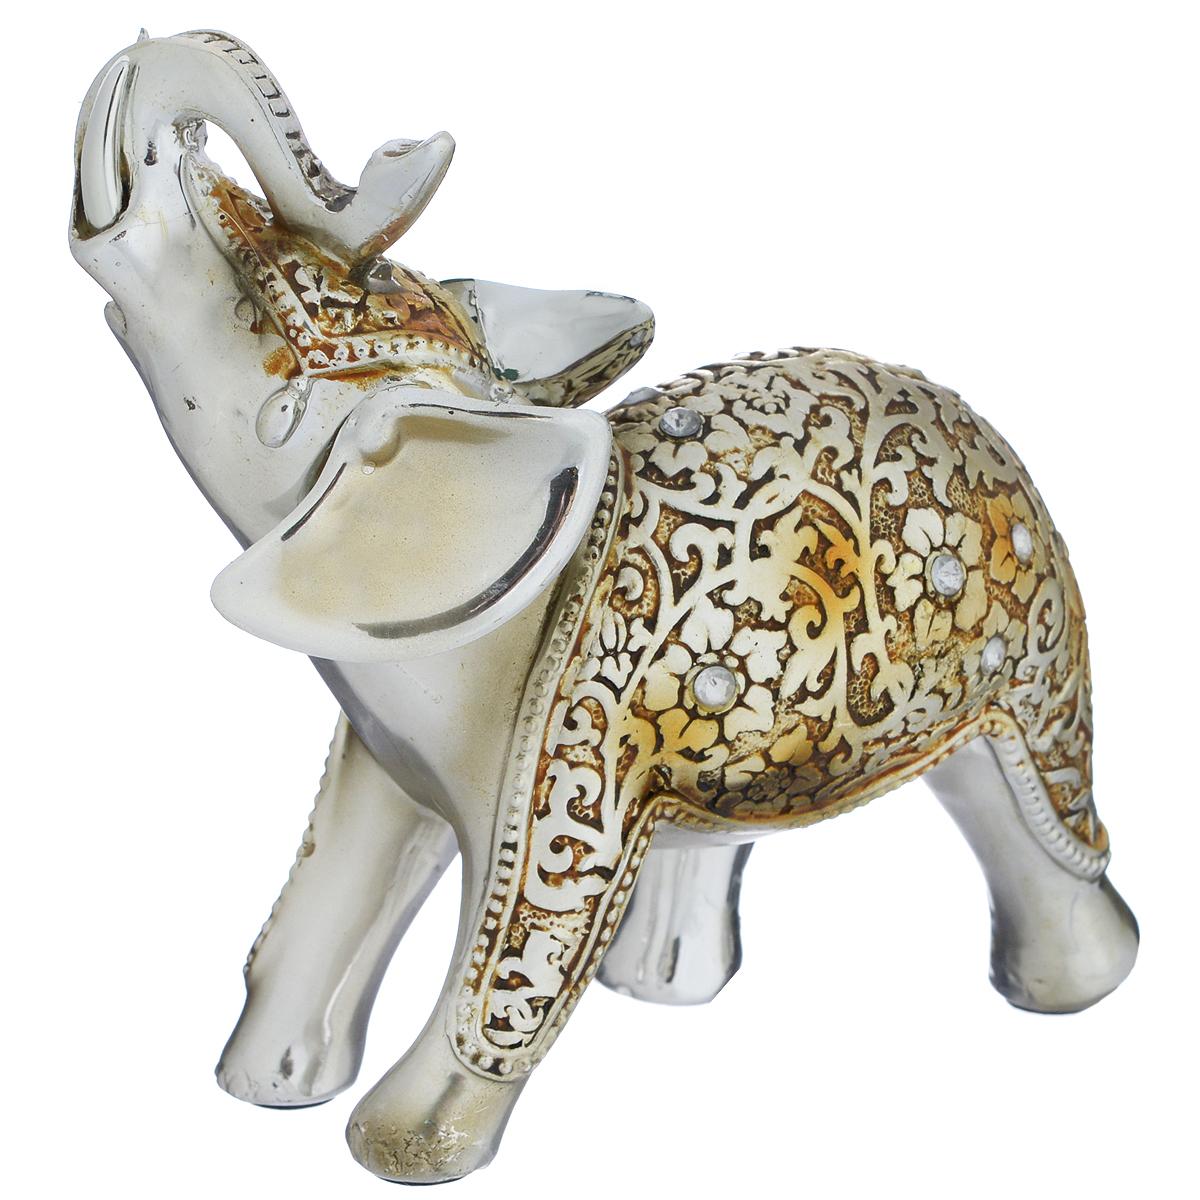 Фигурка декоративная Molento Нарядный слон, высота 11 см549-098Декоративная фигурка Molento Нарядный слон, изготовленная из полистоуна, выполнена в виде слона и украшена рельефным рисунком и стразами. Такая фигурка станет отличным дополнением к интерьеру.Вы можете поставить фигурку в любом месте, где она будет удачно смотреться, и радовать глаз. Кроме того, фигурка Нарядный слон станет чудесным сувениром для ваших друзей и близких. Размер фигурки: 11,5 см х 5 см х 11 см.